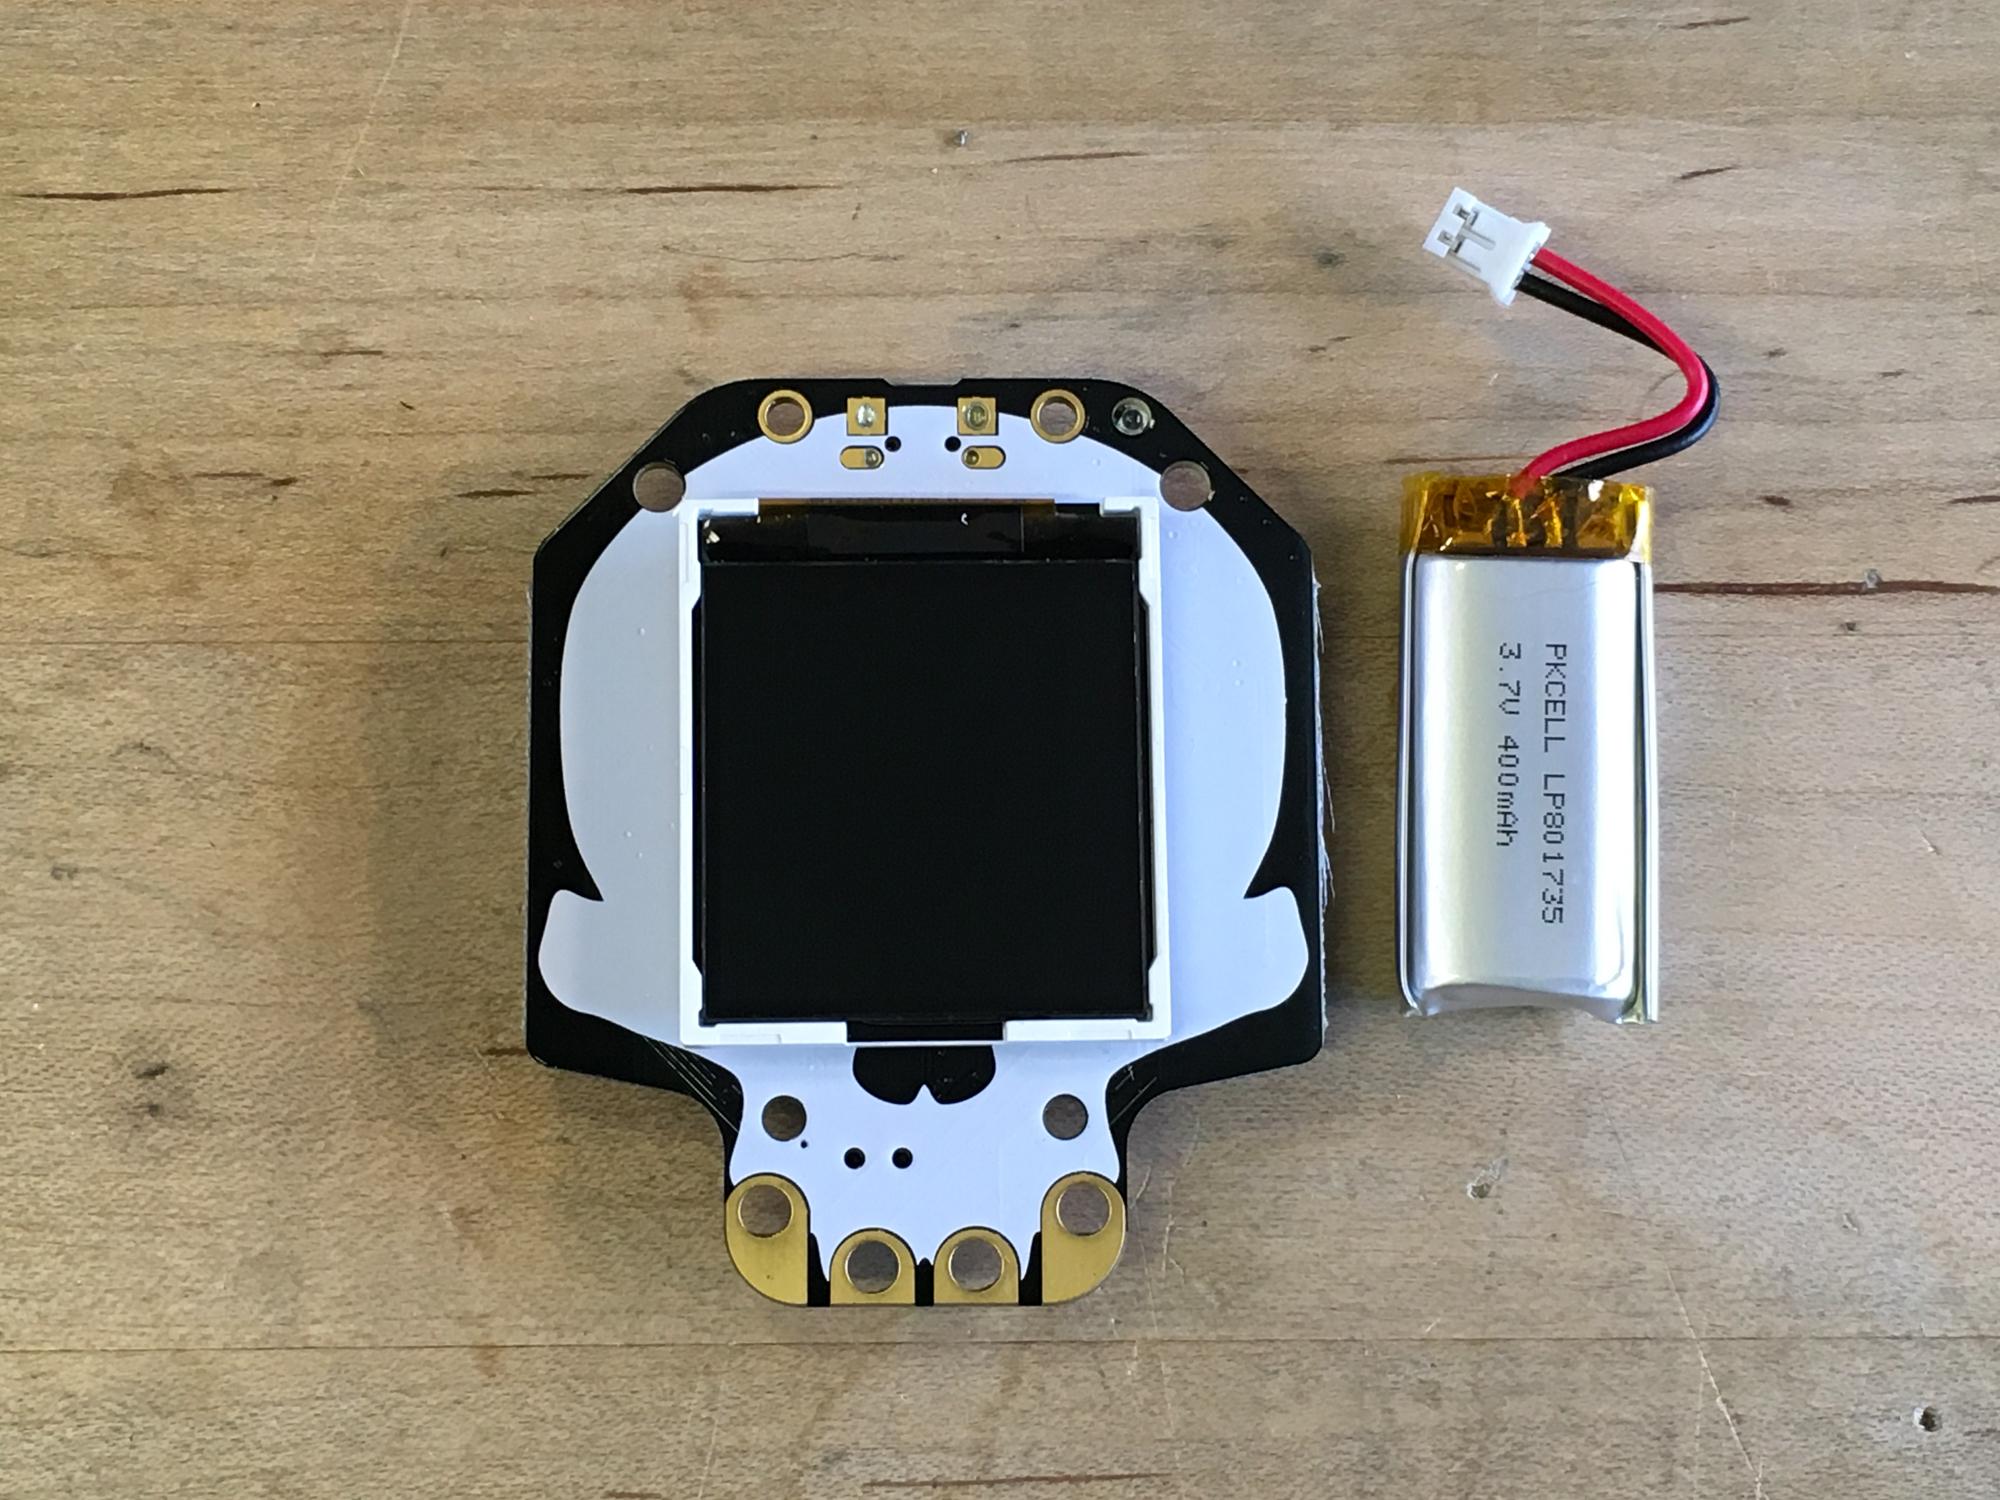 sensors_IMG_4948_2k.jpg